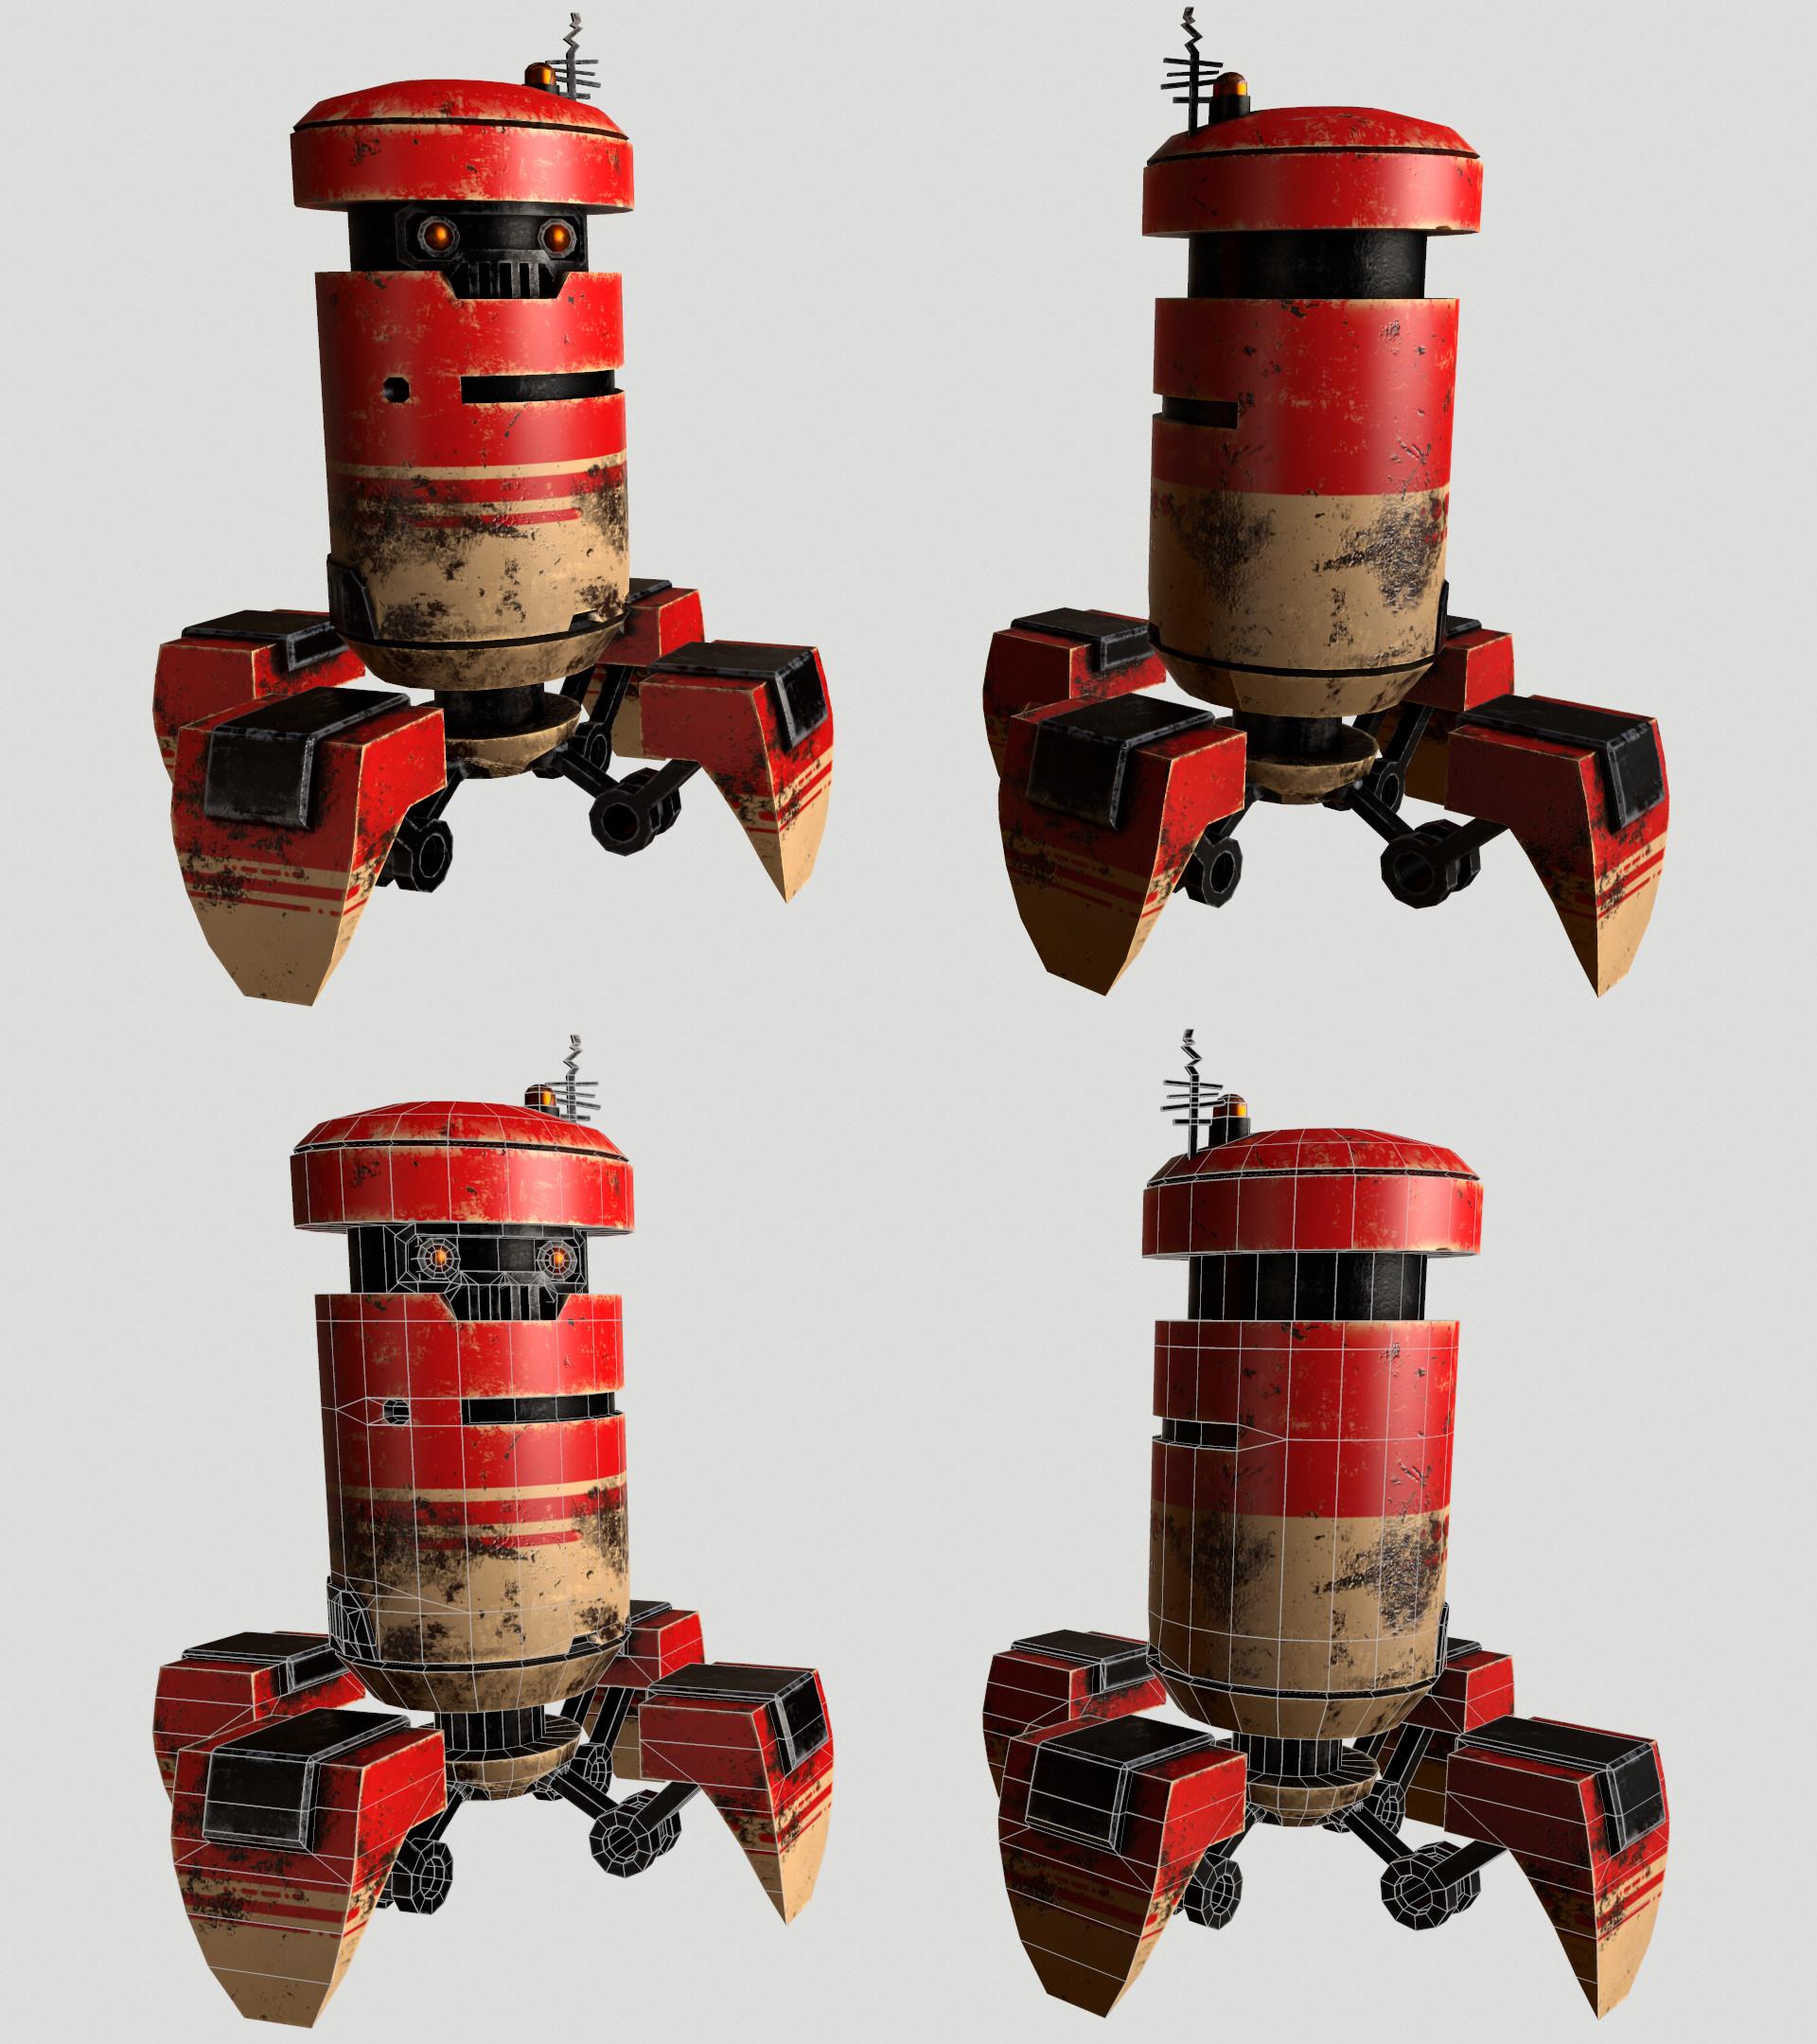 Sietske hereijgers robots